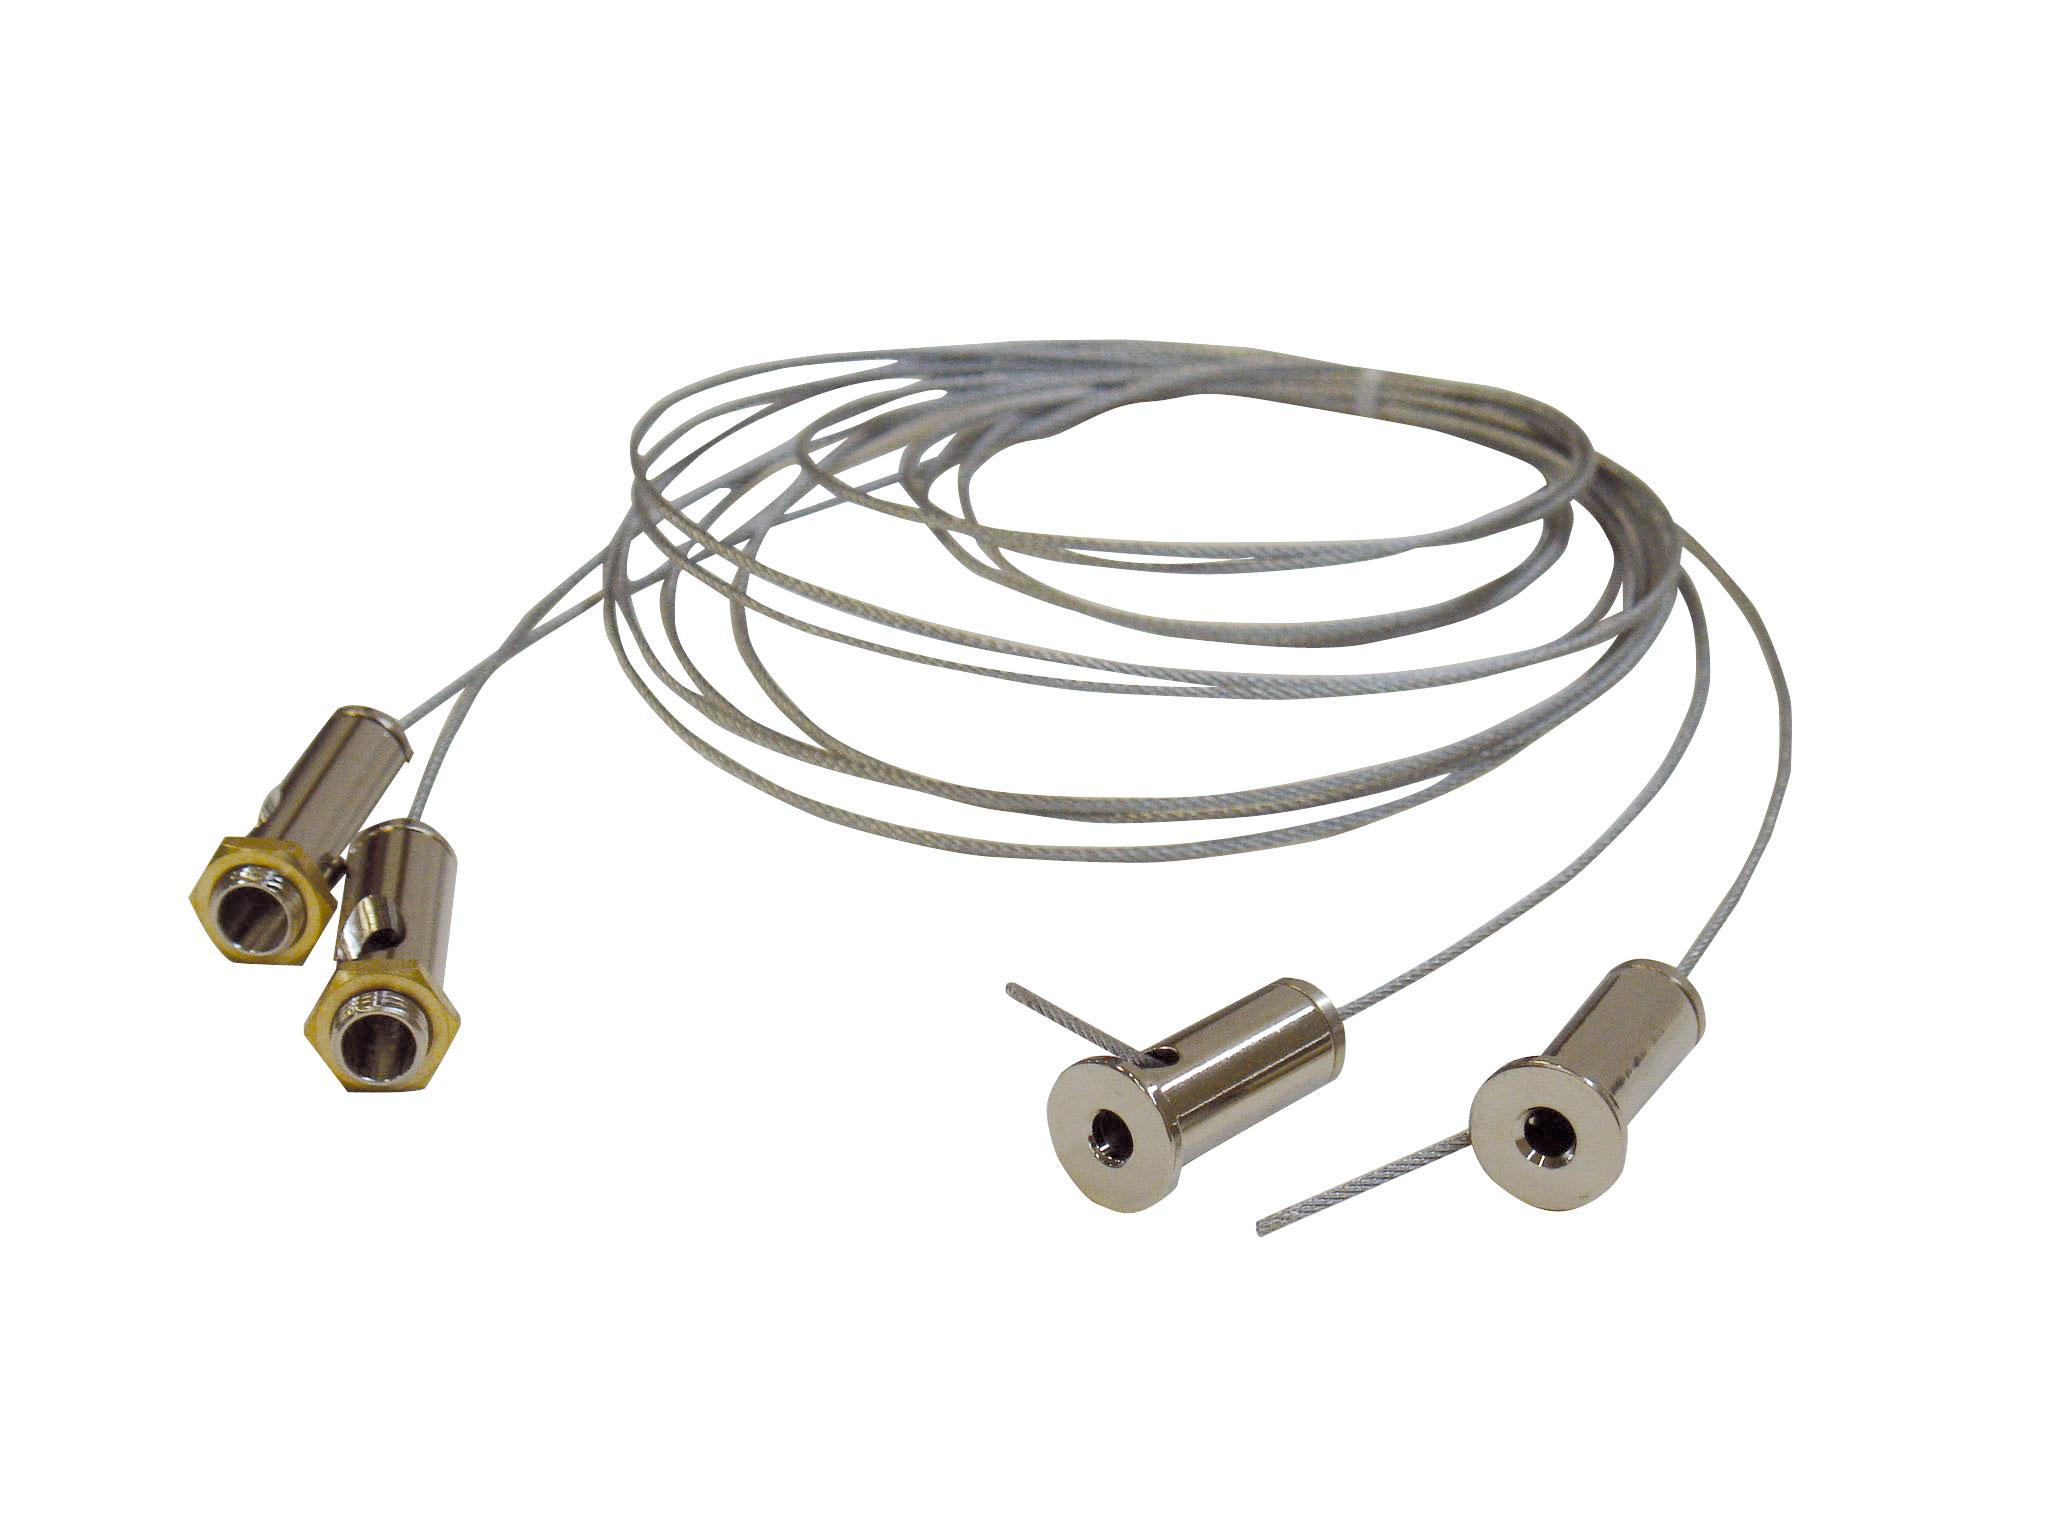 1 Stk Design-Seilaufhängung 2000mm, 1 Paar NLDSA000--